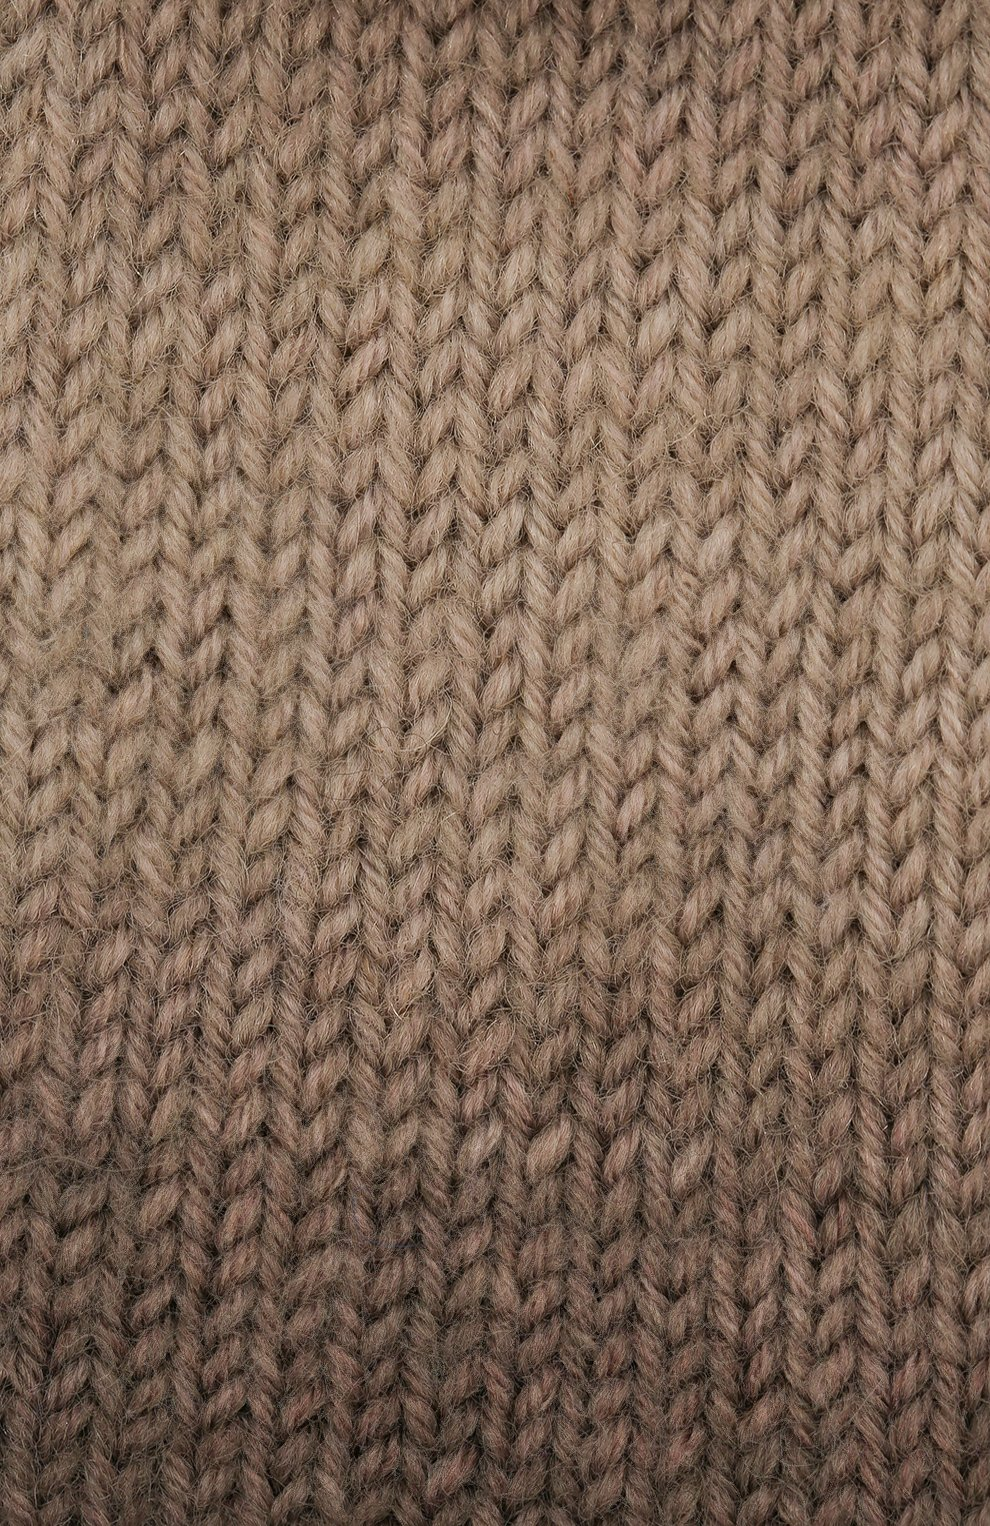 Женские носки FALKE бежевого цвета, арт. 46548_19_   Фото 2